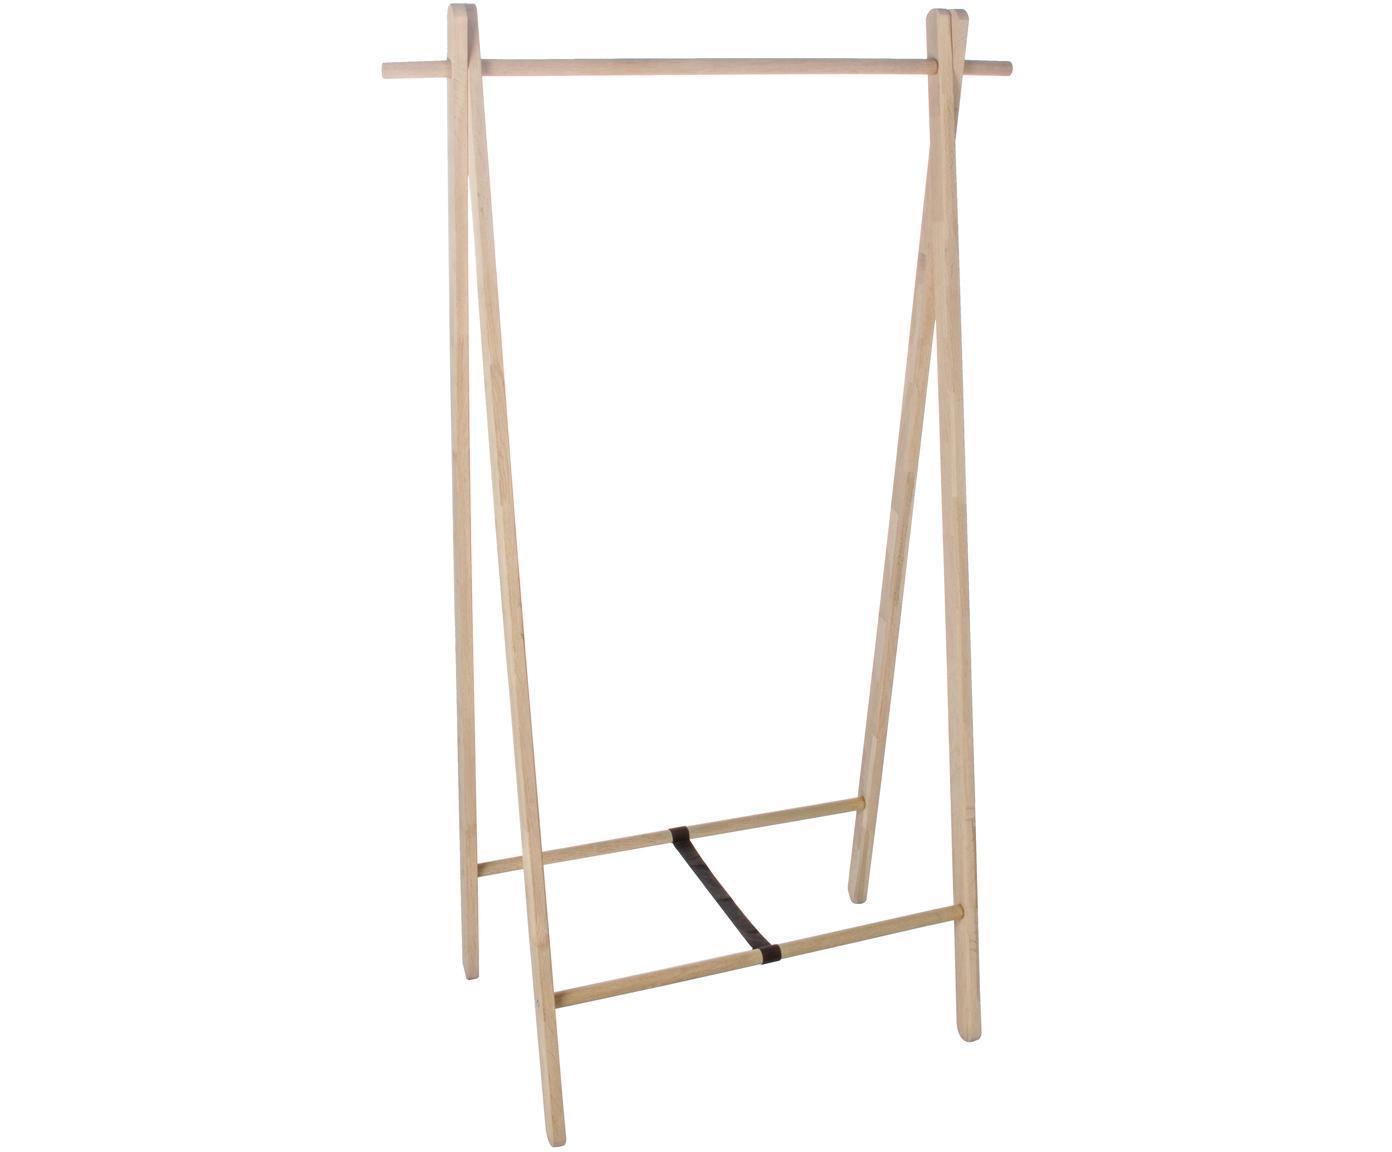 Wieszak stojący z drewna dębowego Stand, Brązowy, S 89 x W 151 cm